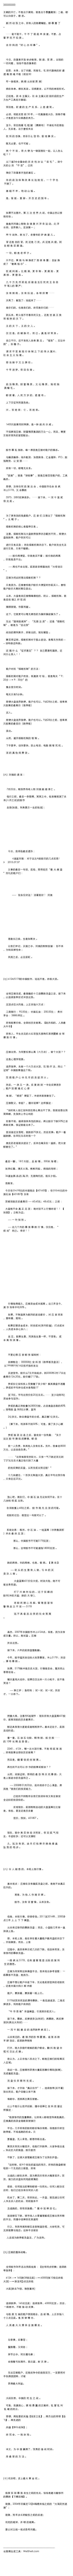 b_3049E9AC6CD2D6CDEDA131D3E081CF11.jpg